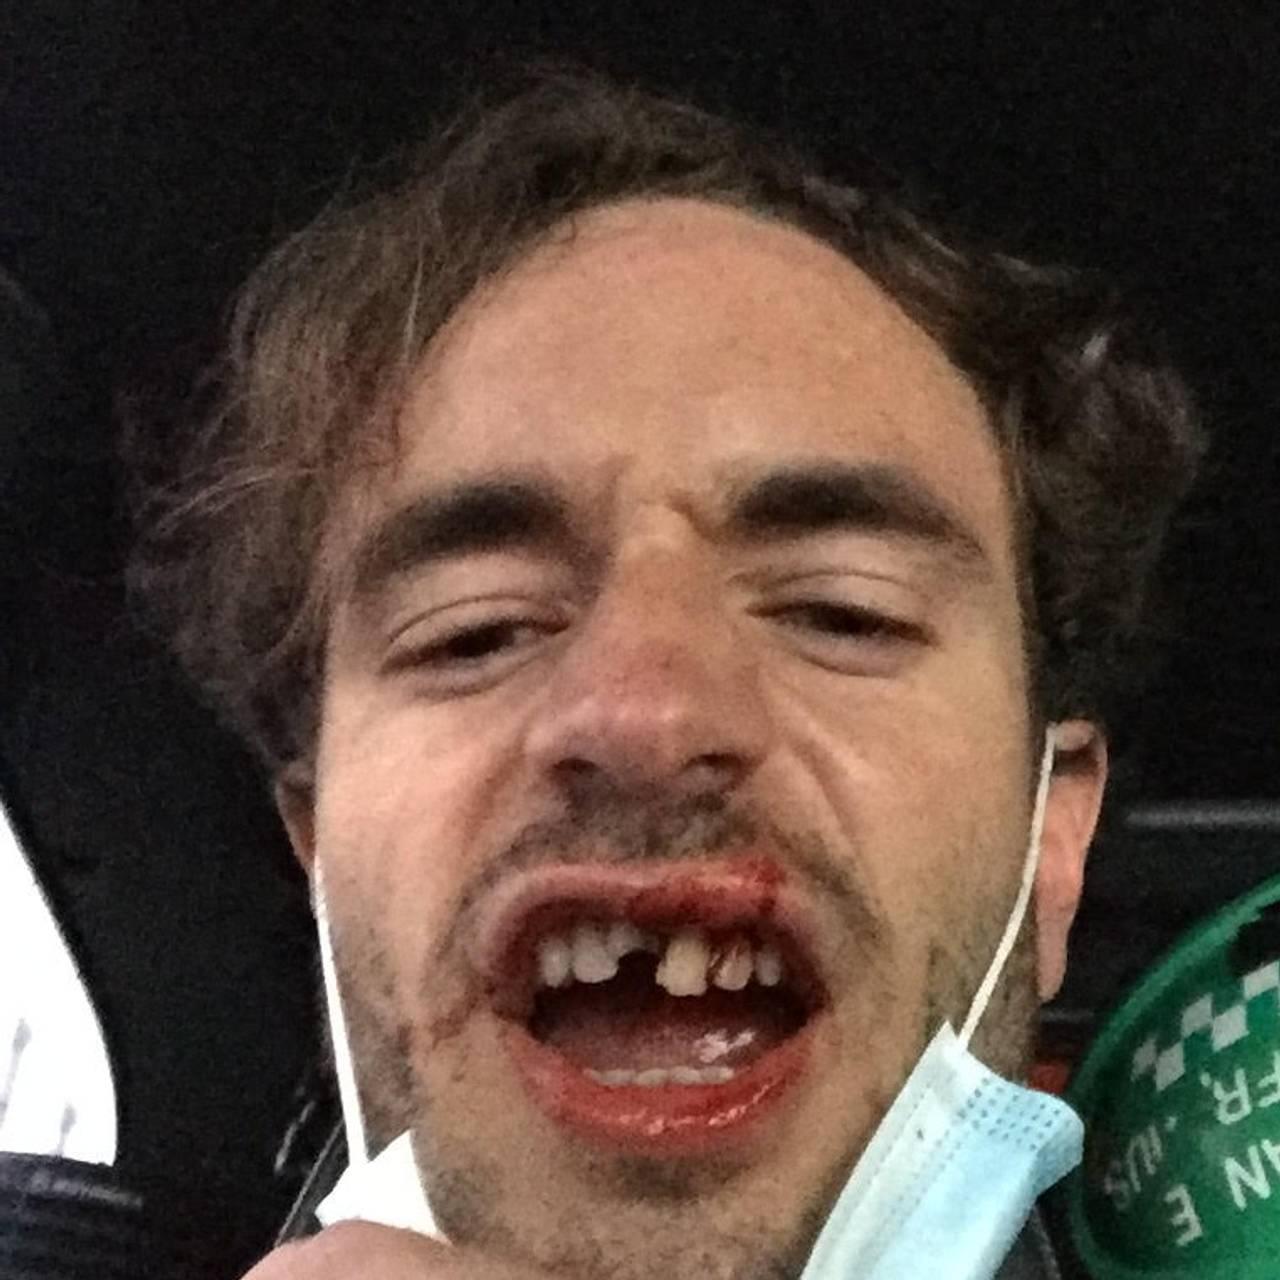 Slik så Nikolai Ravn Aarskog ut da han satt i ambulanse på vei til legevakten etter at han ble påkjørt av en elsparkesykkel.